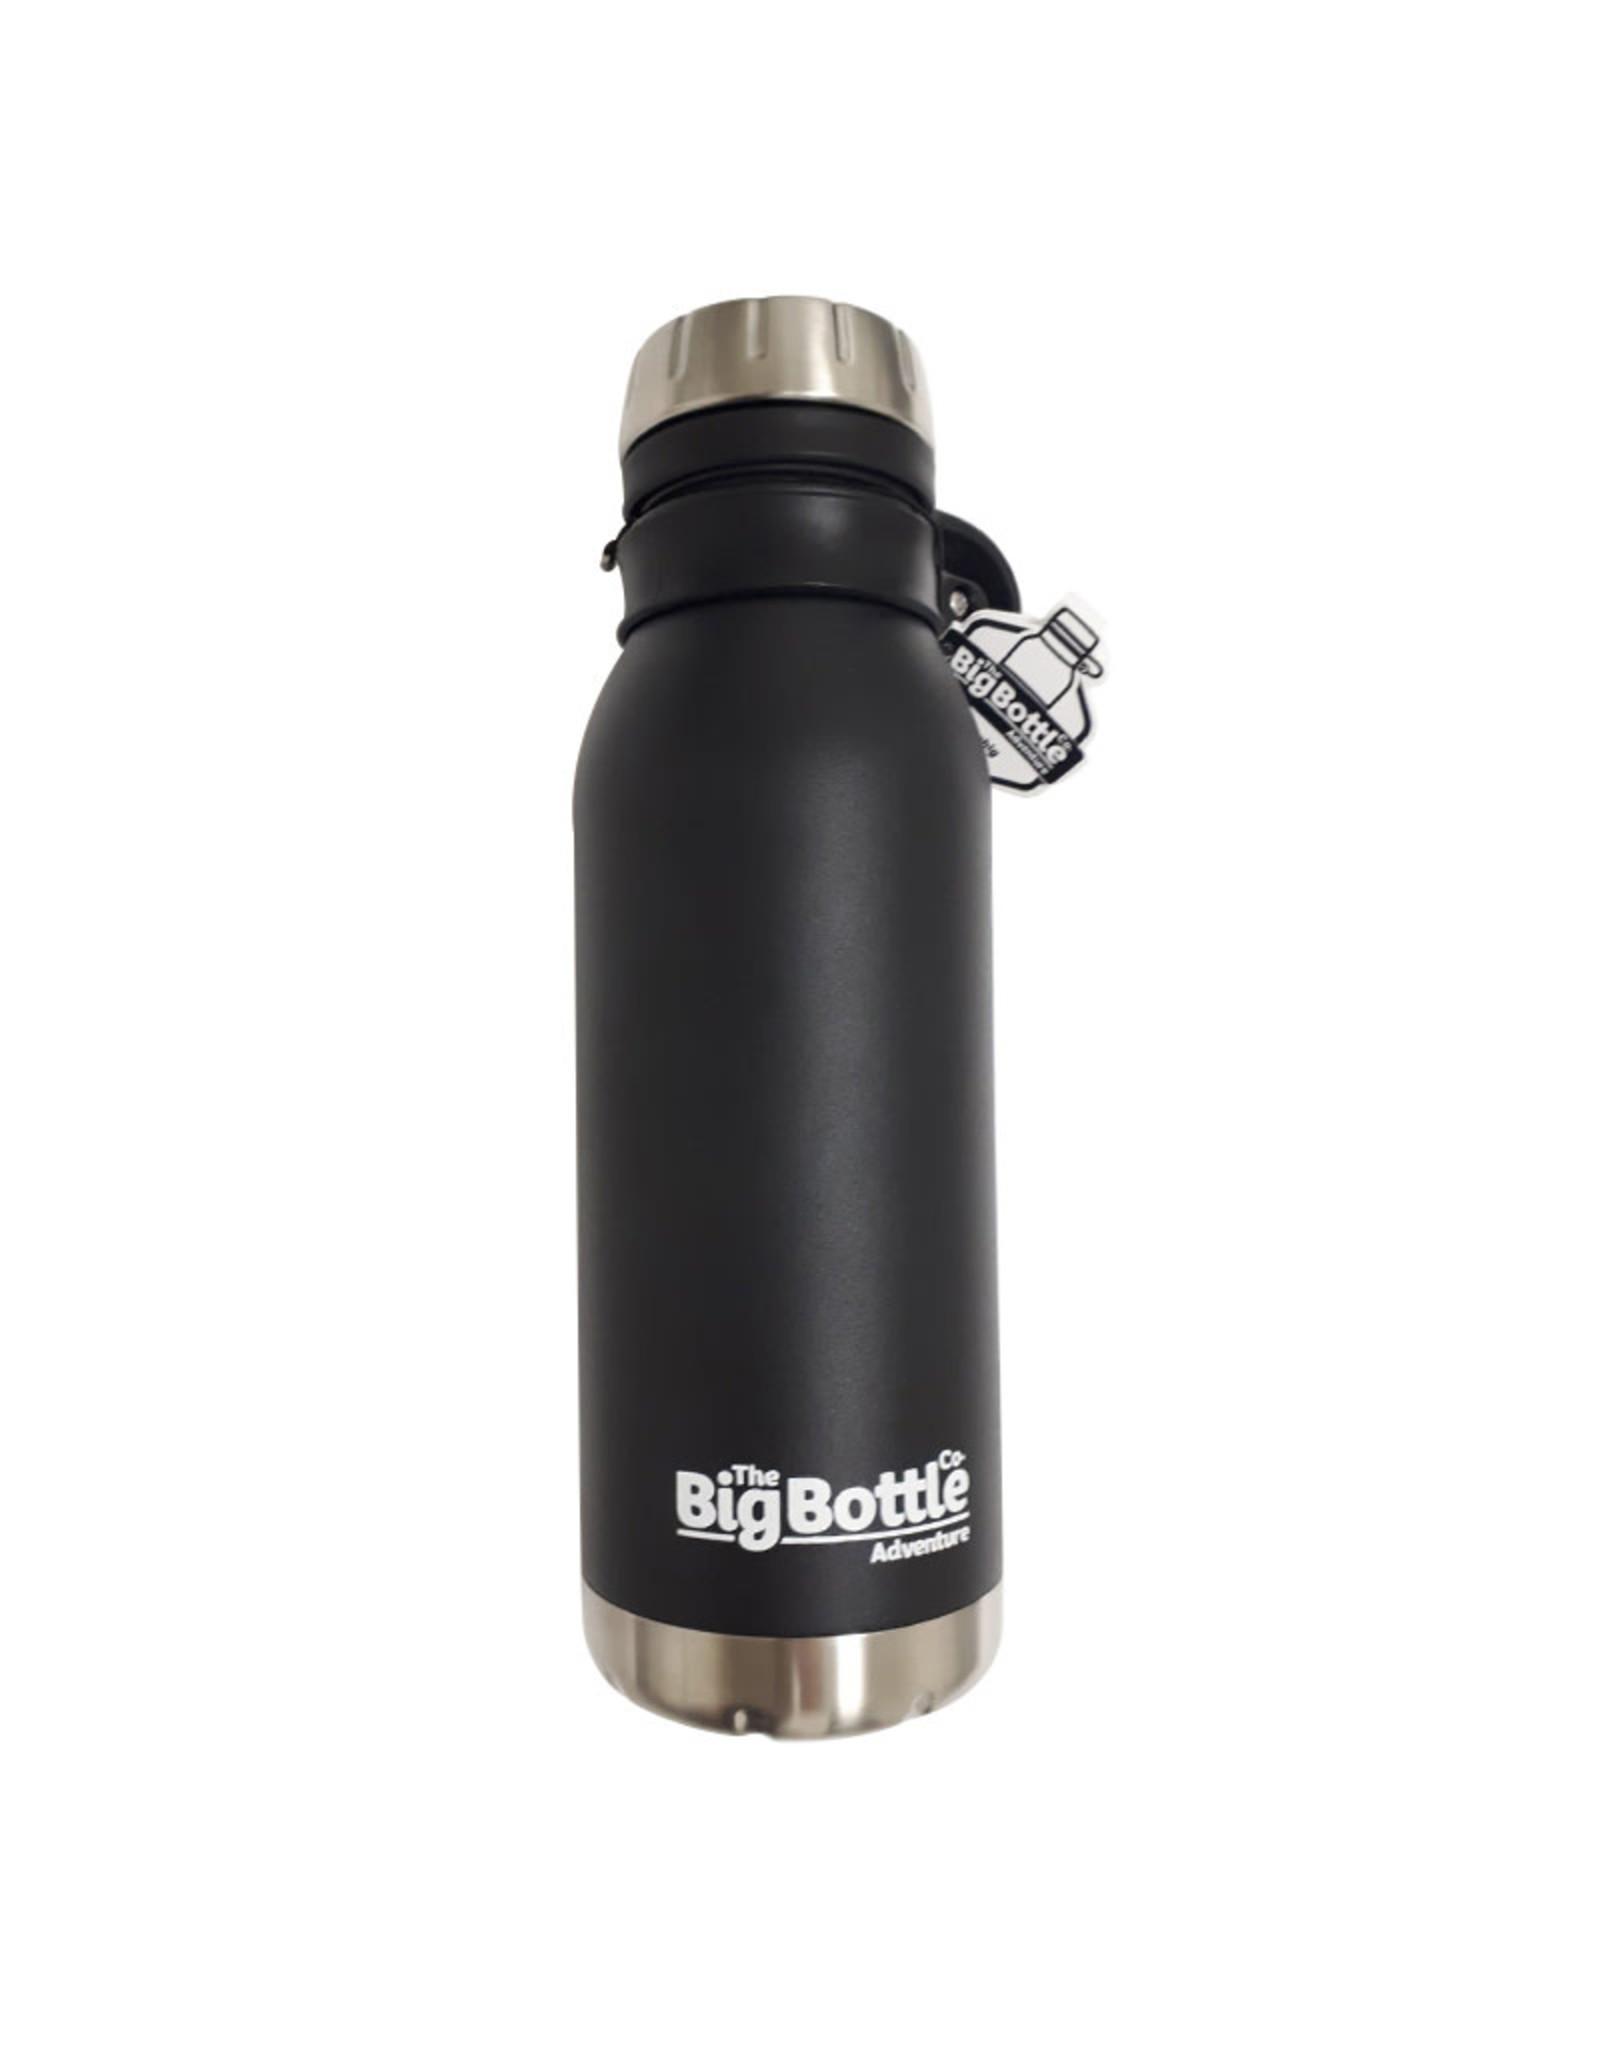 Big Bottle Co. Big Bottle Co. - Bouteille Isolée Acier Inox, Jet Black Adventure (500ml)